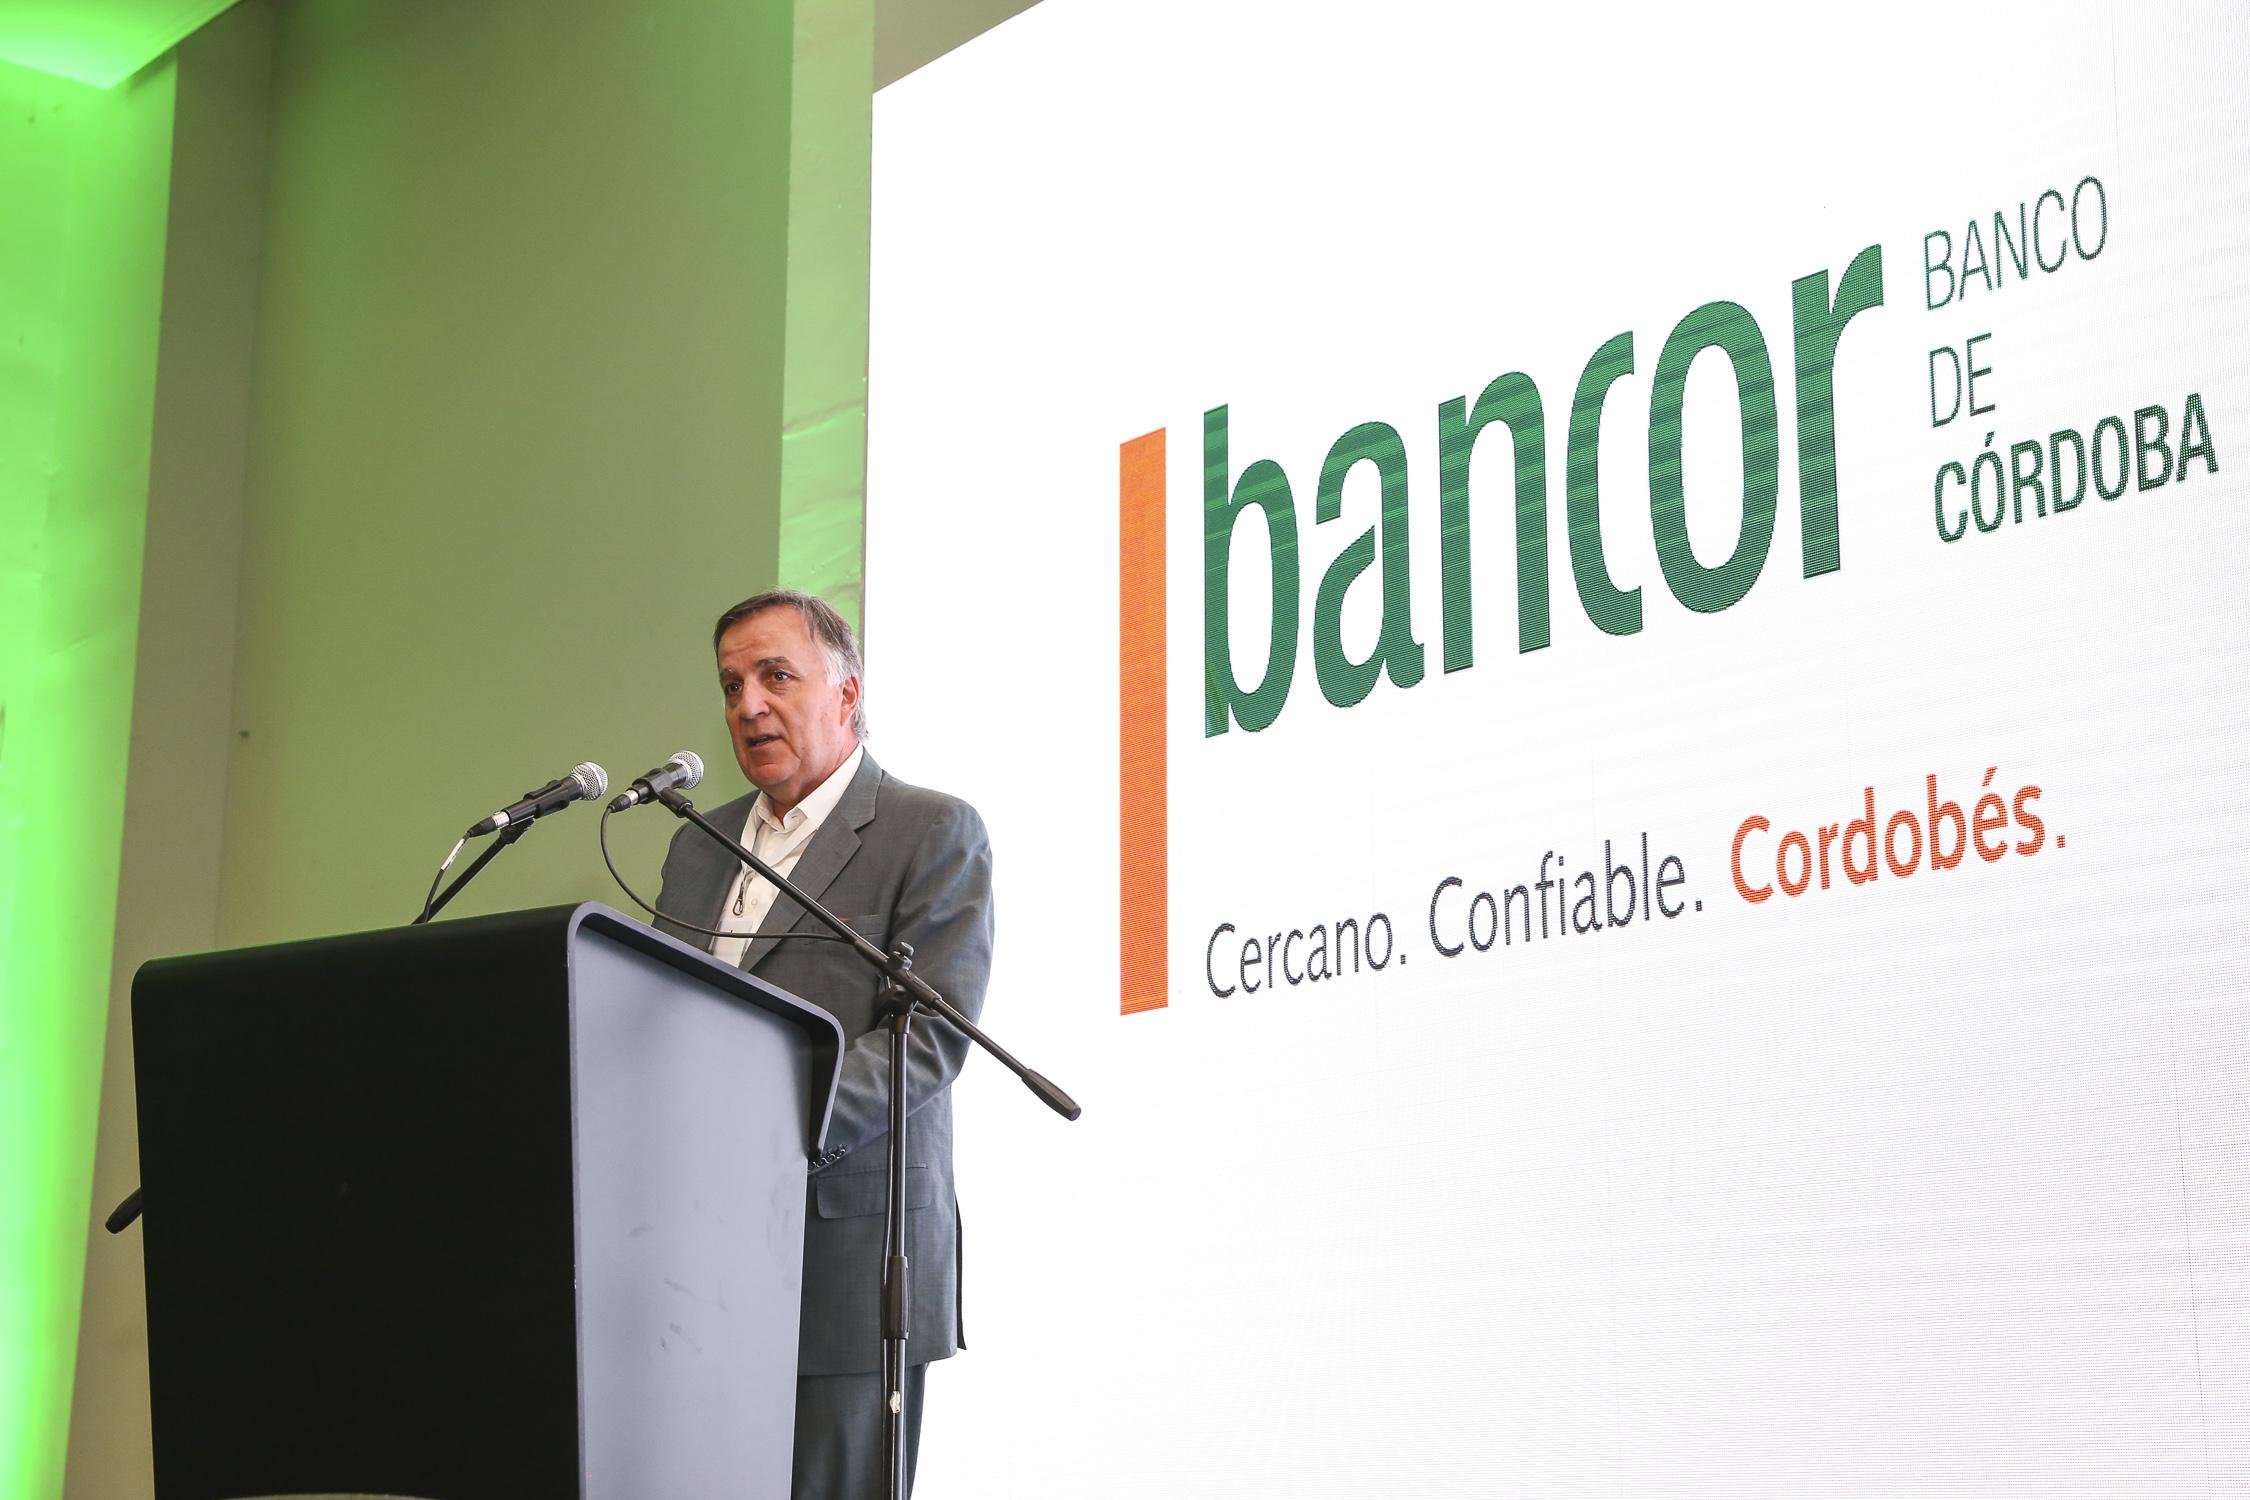 Bancor otorgó préstamos por casi 3.000 millones de pesos